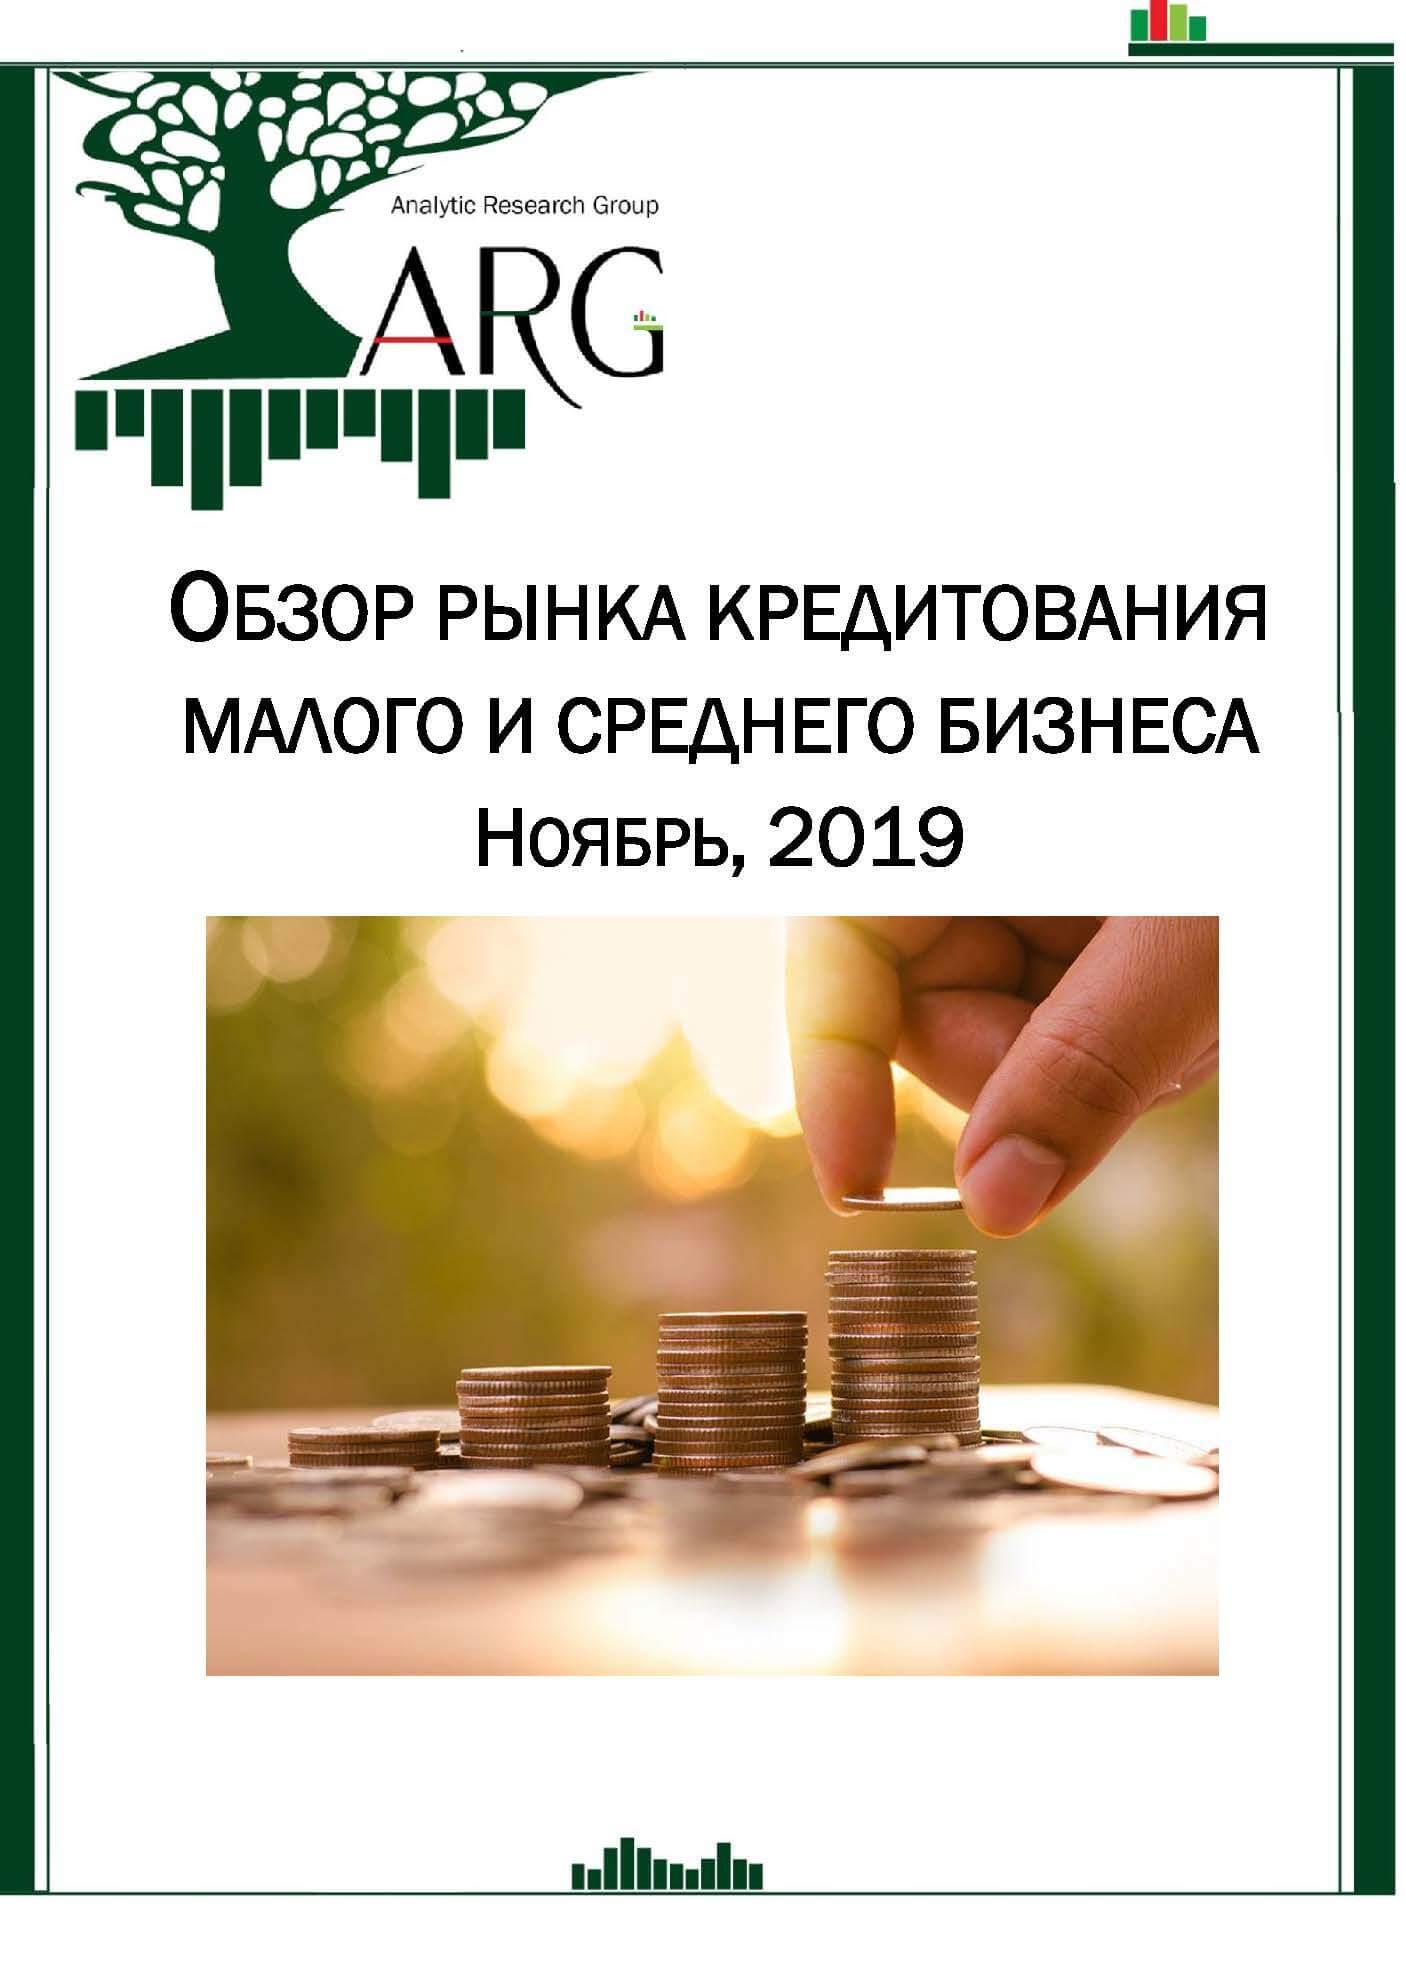 втб кредитование малого бизнеса без залога и поручителей россельхозбанк рс погашение кредита по номеру договора